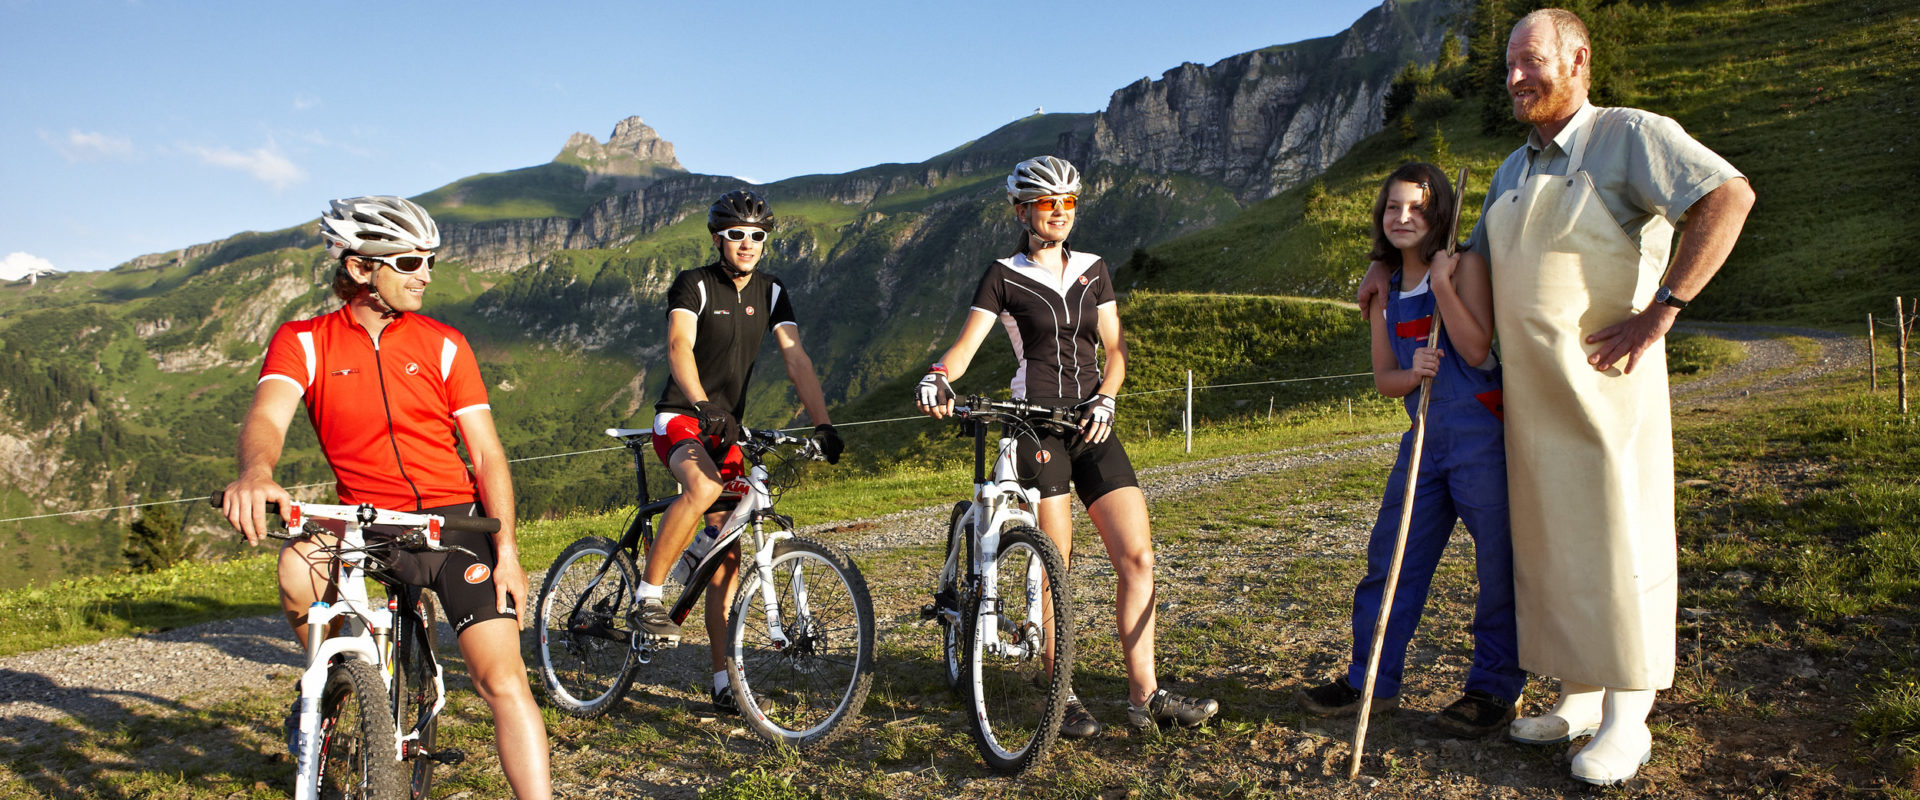 Mountainbiker und Senn © Adolf Bereuter / Bregenzerwald Tourismus